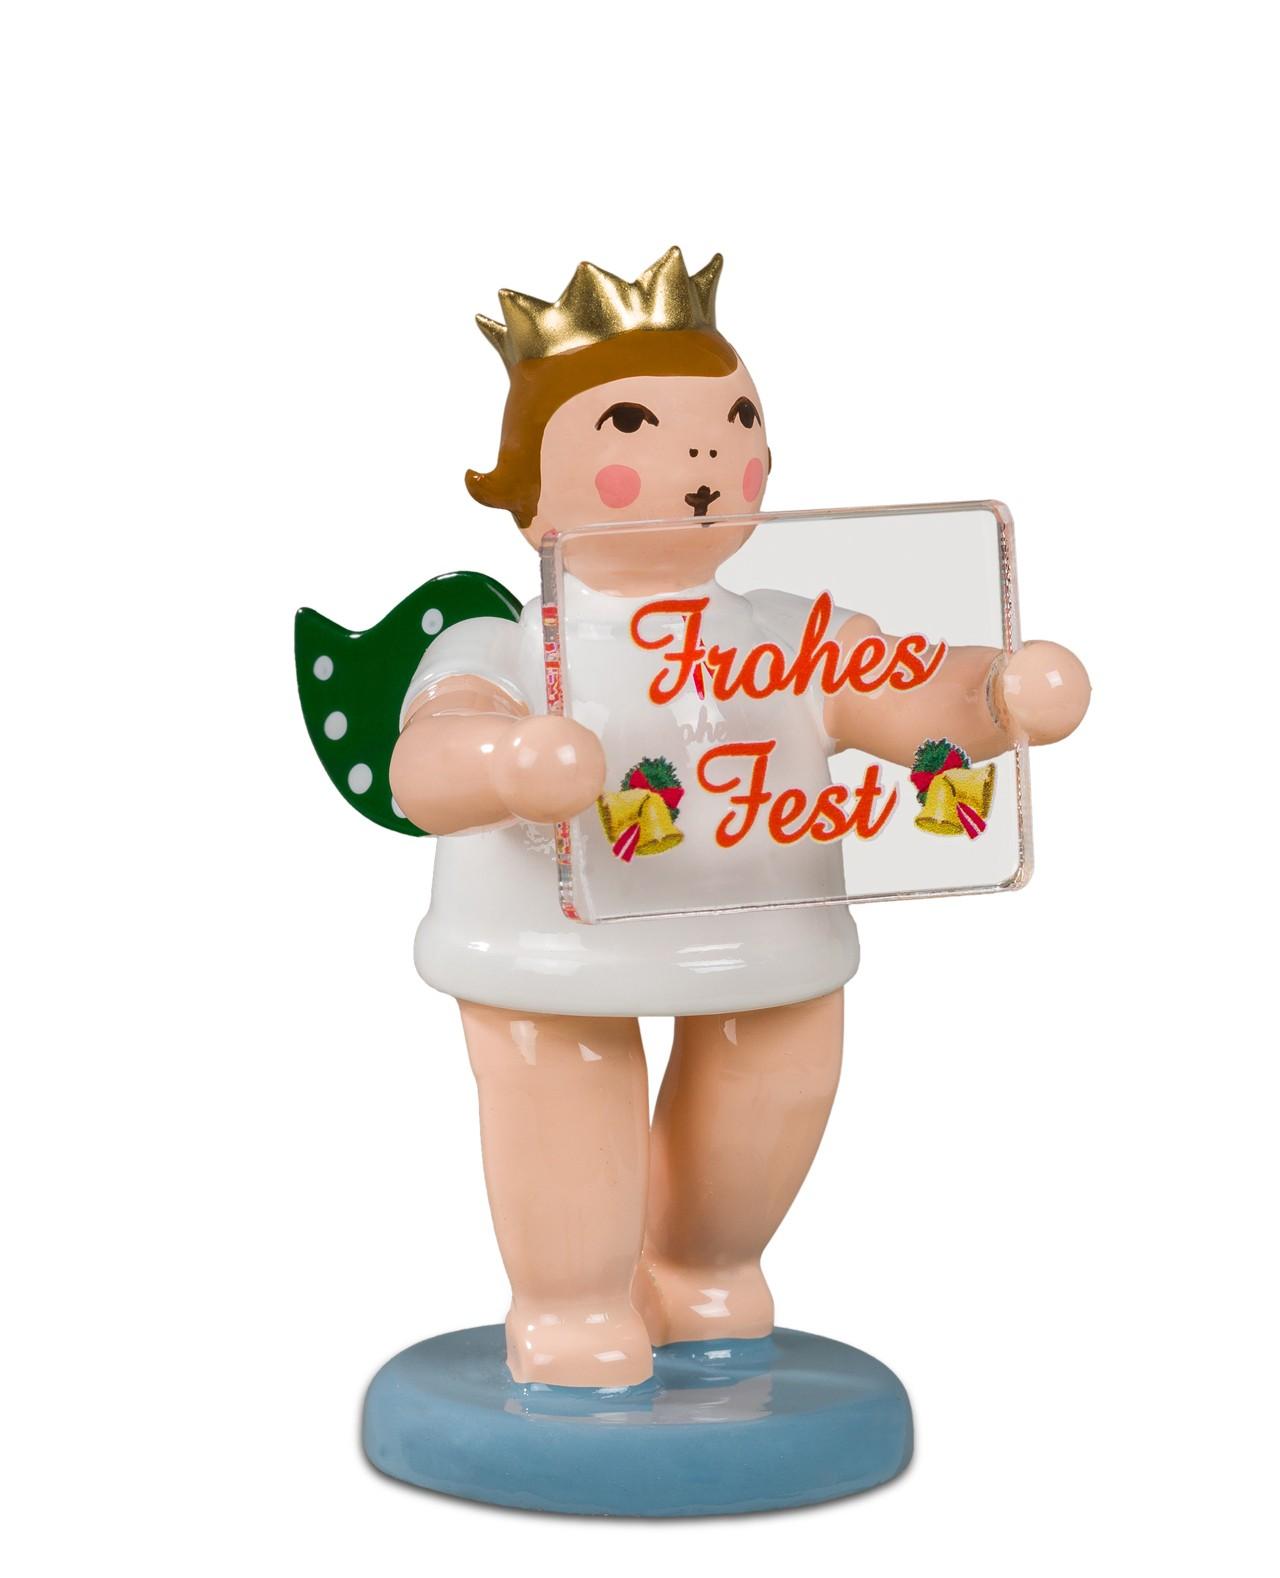 Adventengel mit Weihnachtsschild - Frohes Fest, mit Krone